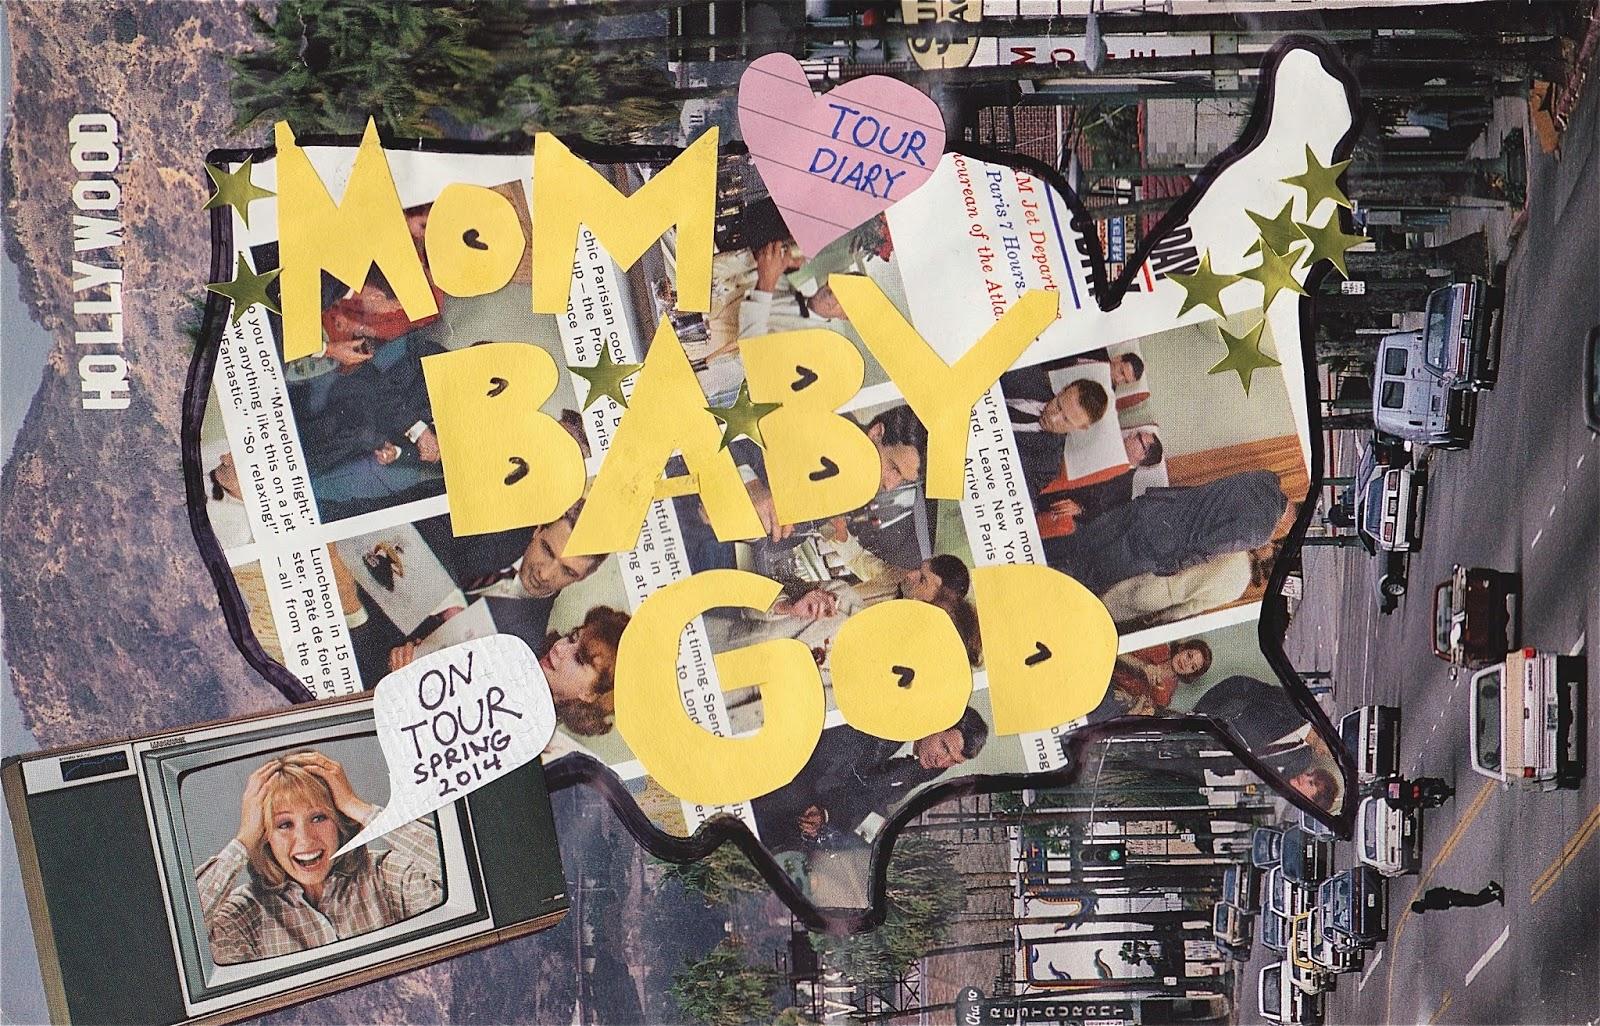 http://www.thelesigh.com/2014/05/diary-mom-baby-god-spring-tour.html